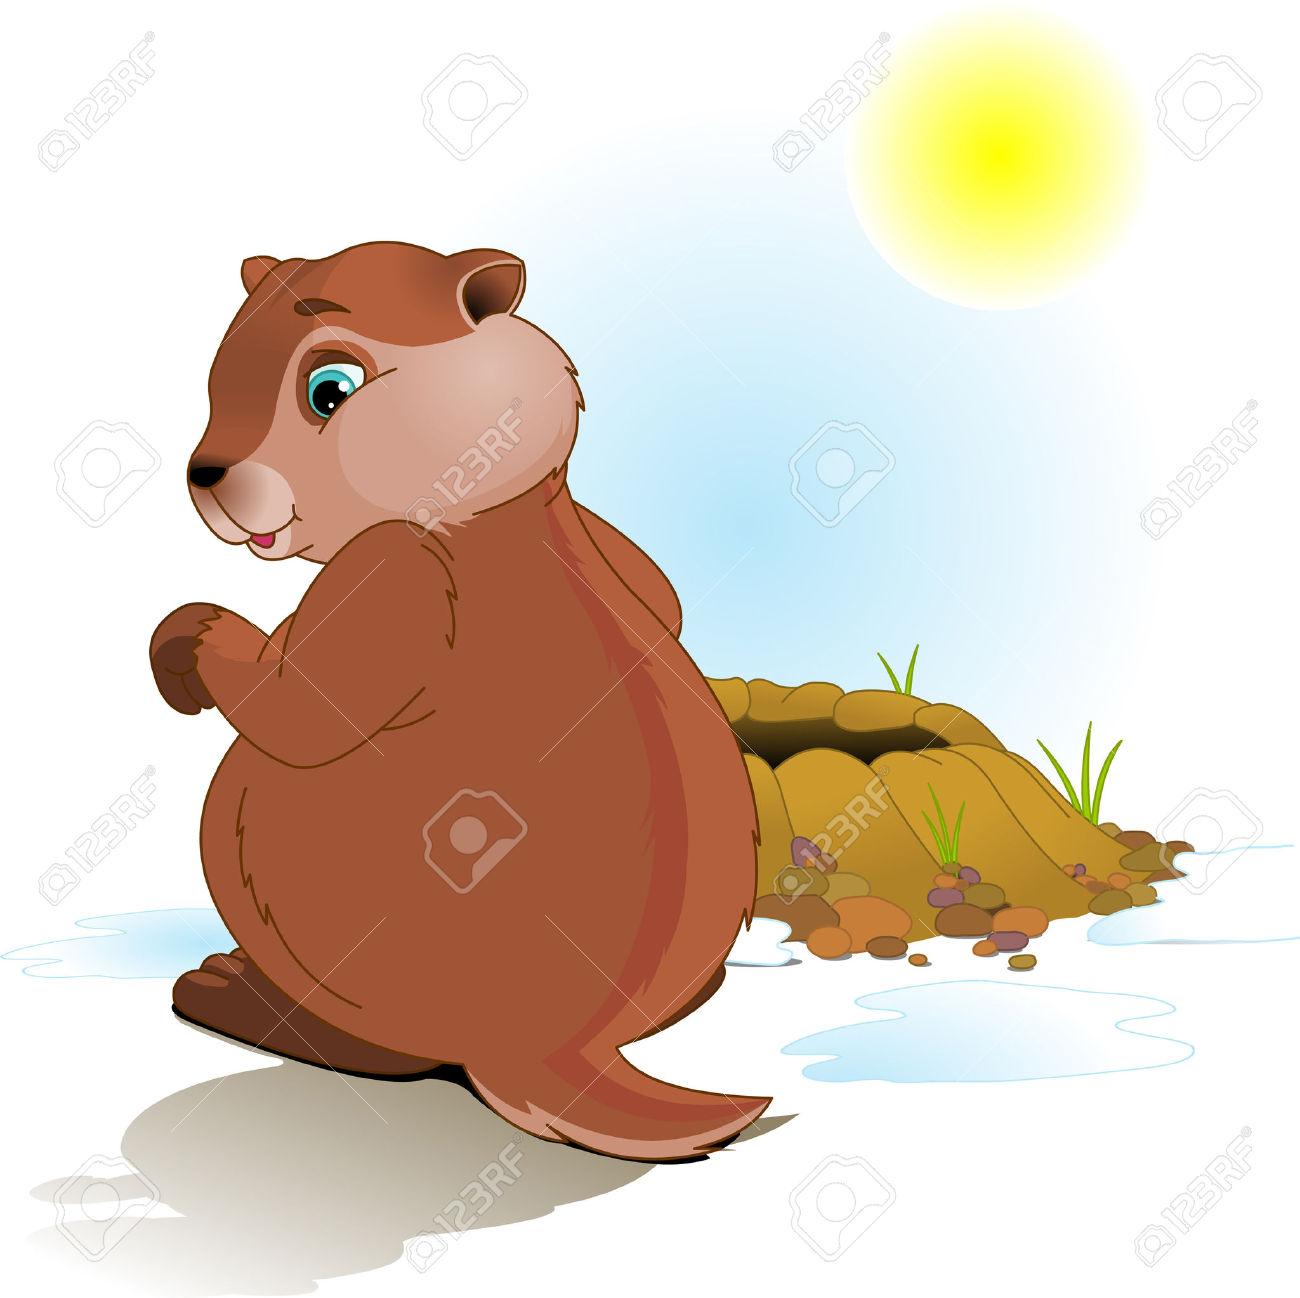 Le jour clipart freeuse stock Illustration Pour Le Jour De La Marmotte. Marmotte Regarde Son ... freeuse stock